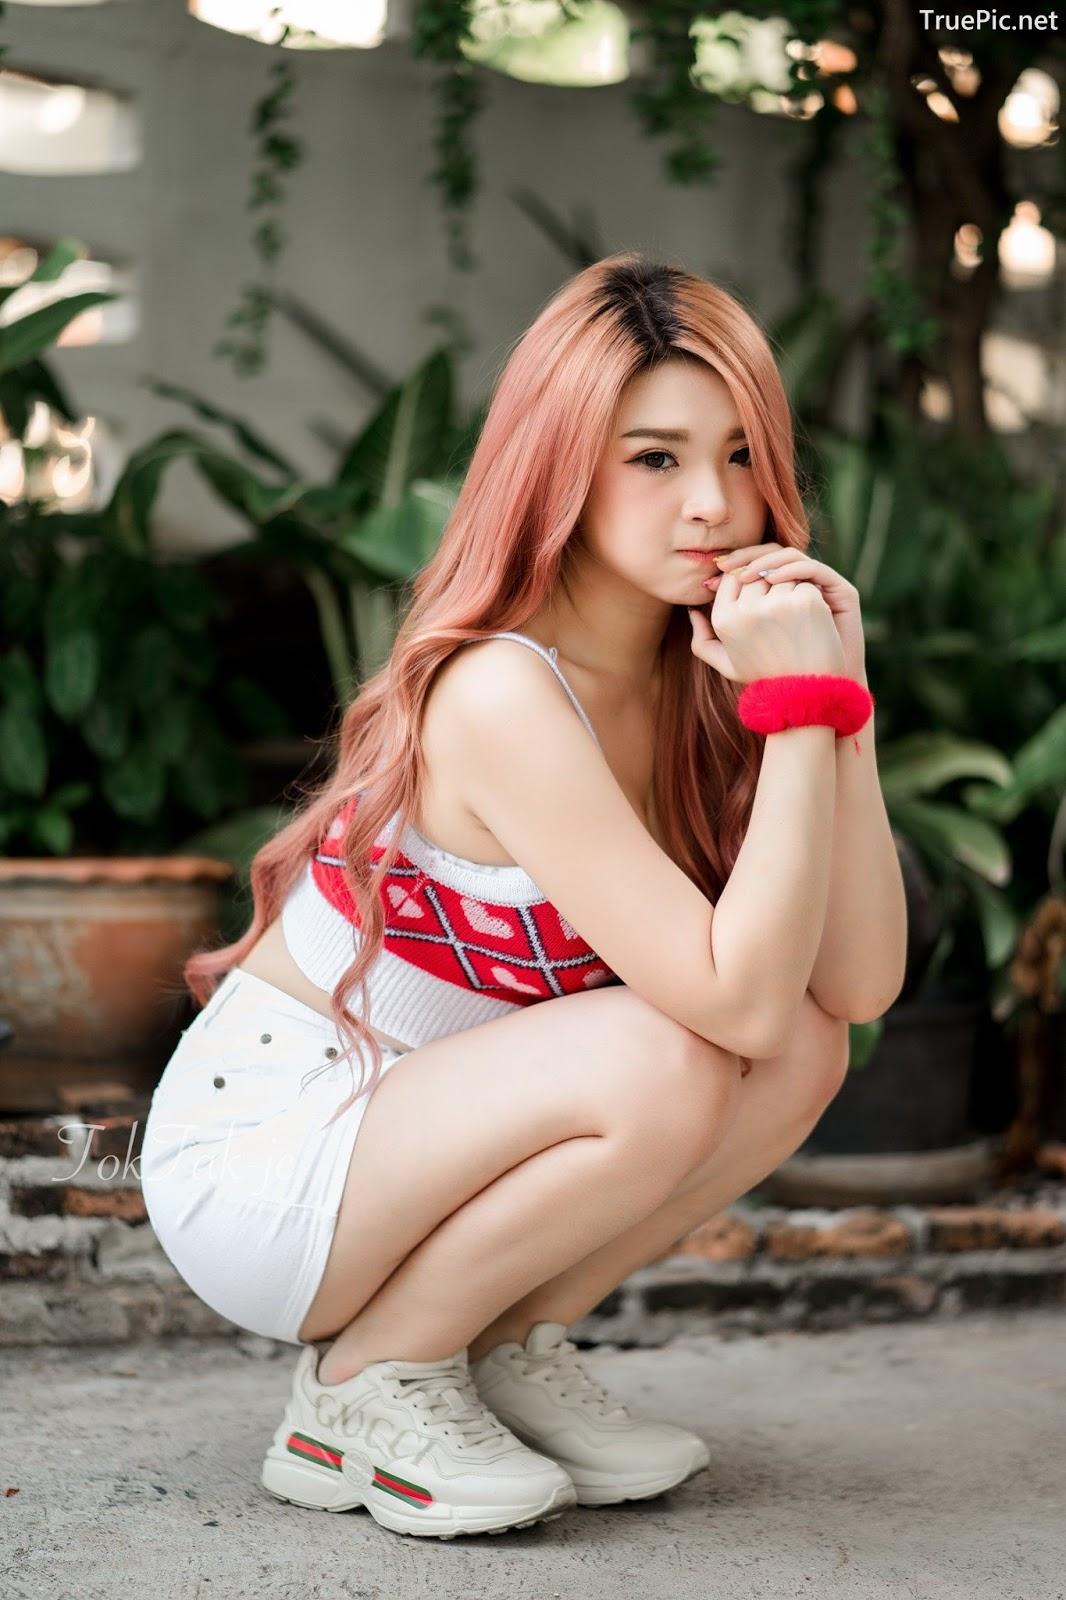 Image Thailand Model - JaJaa Zarinyap - Crop Top and Sort Pants - TruePic.net - Picture-4